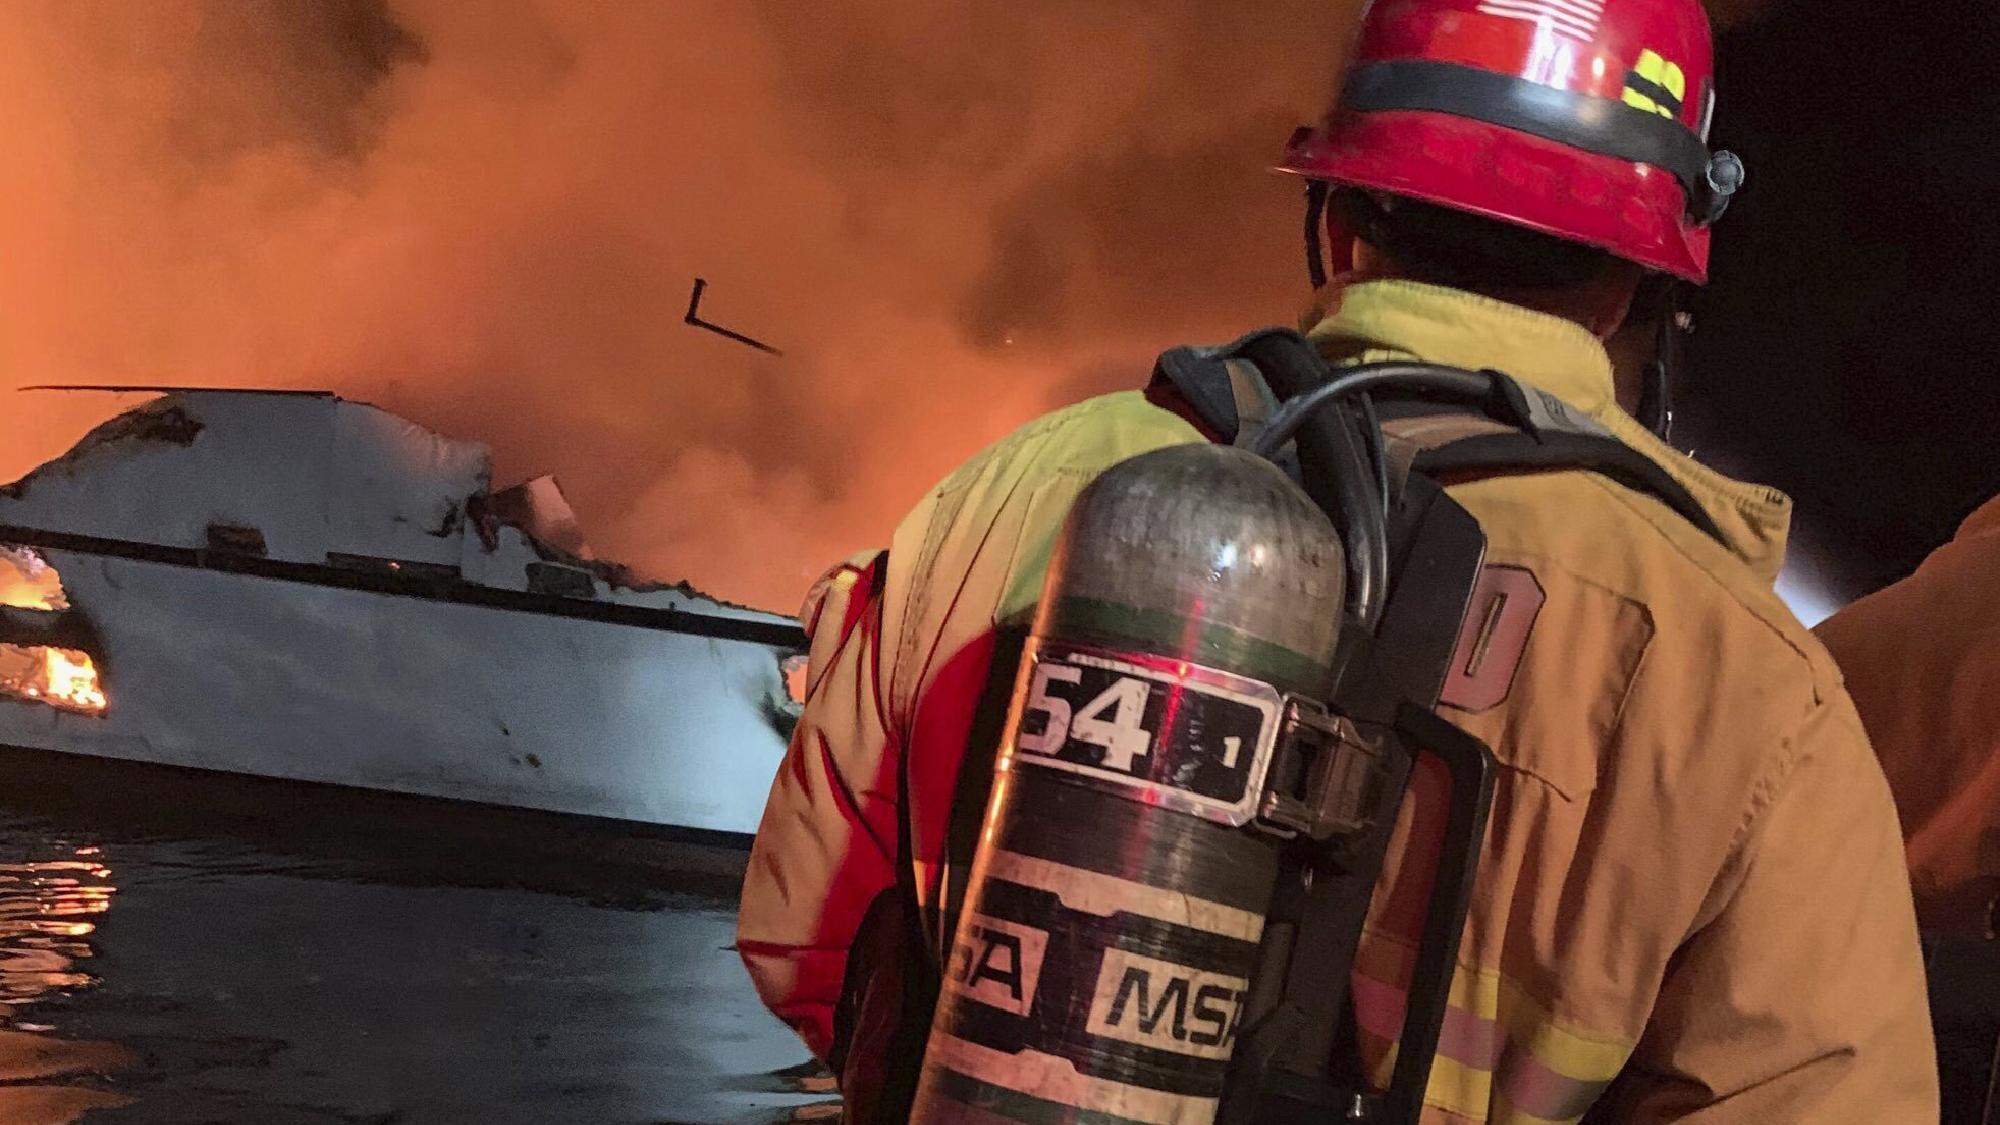 California scuba boat fire death toll rises to 25